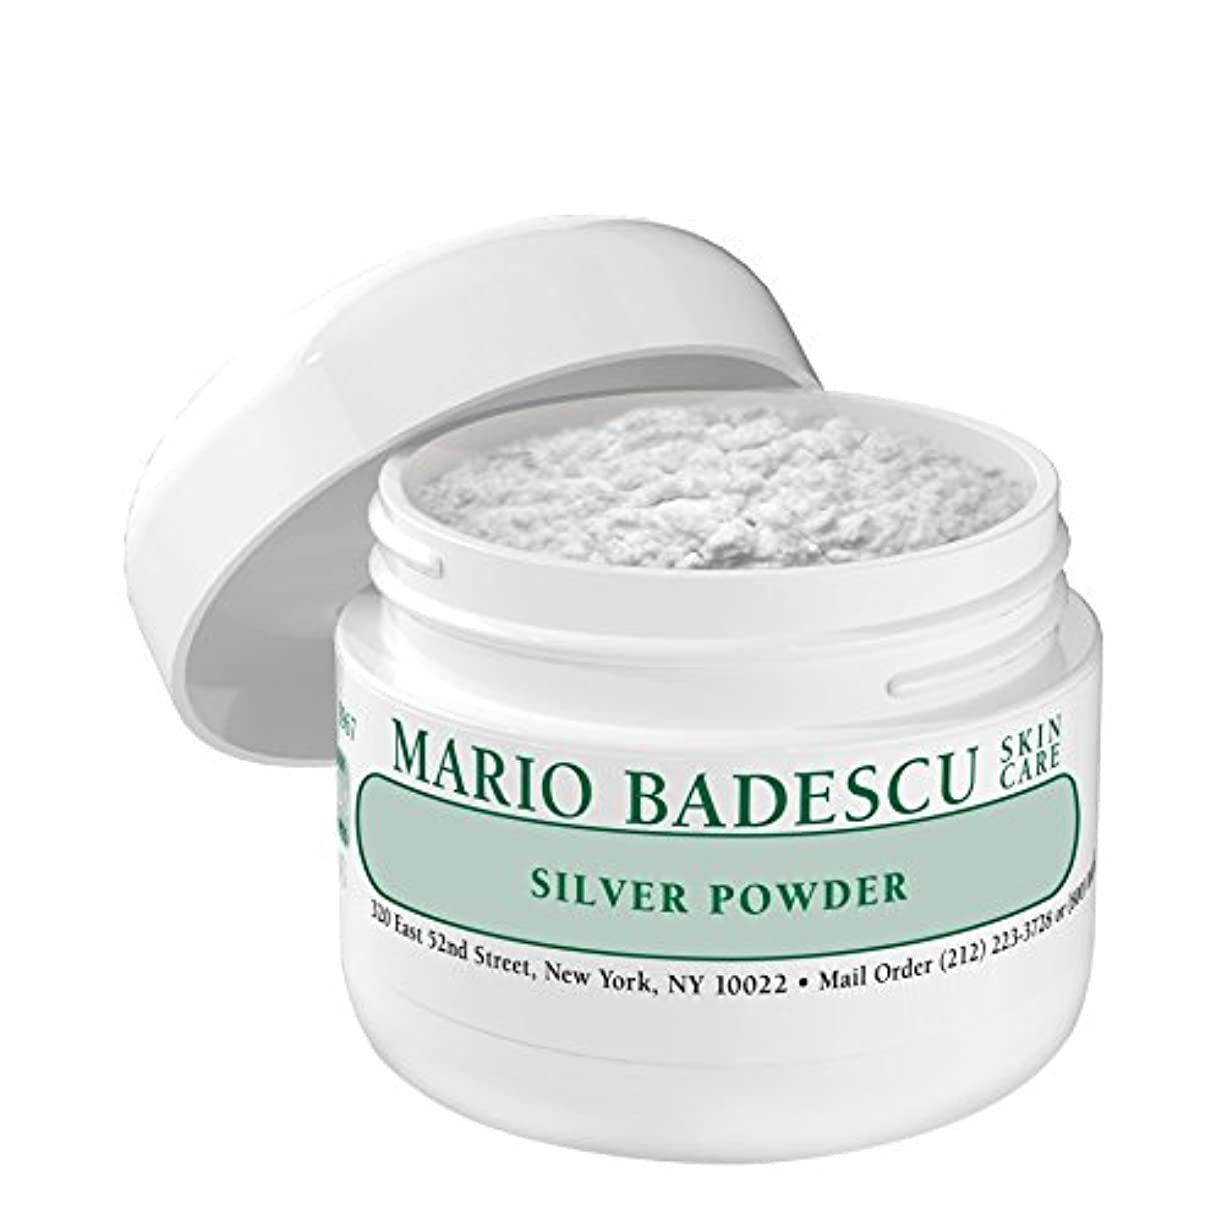 抵抗力がある雇用者心配するマリオ・バデスキュー銀粉末 x4 - Mario Badescu Silver Powder (Pack of 4) [並行輸入品]